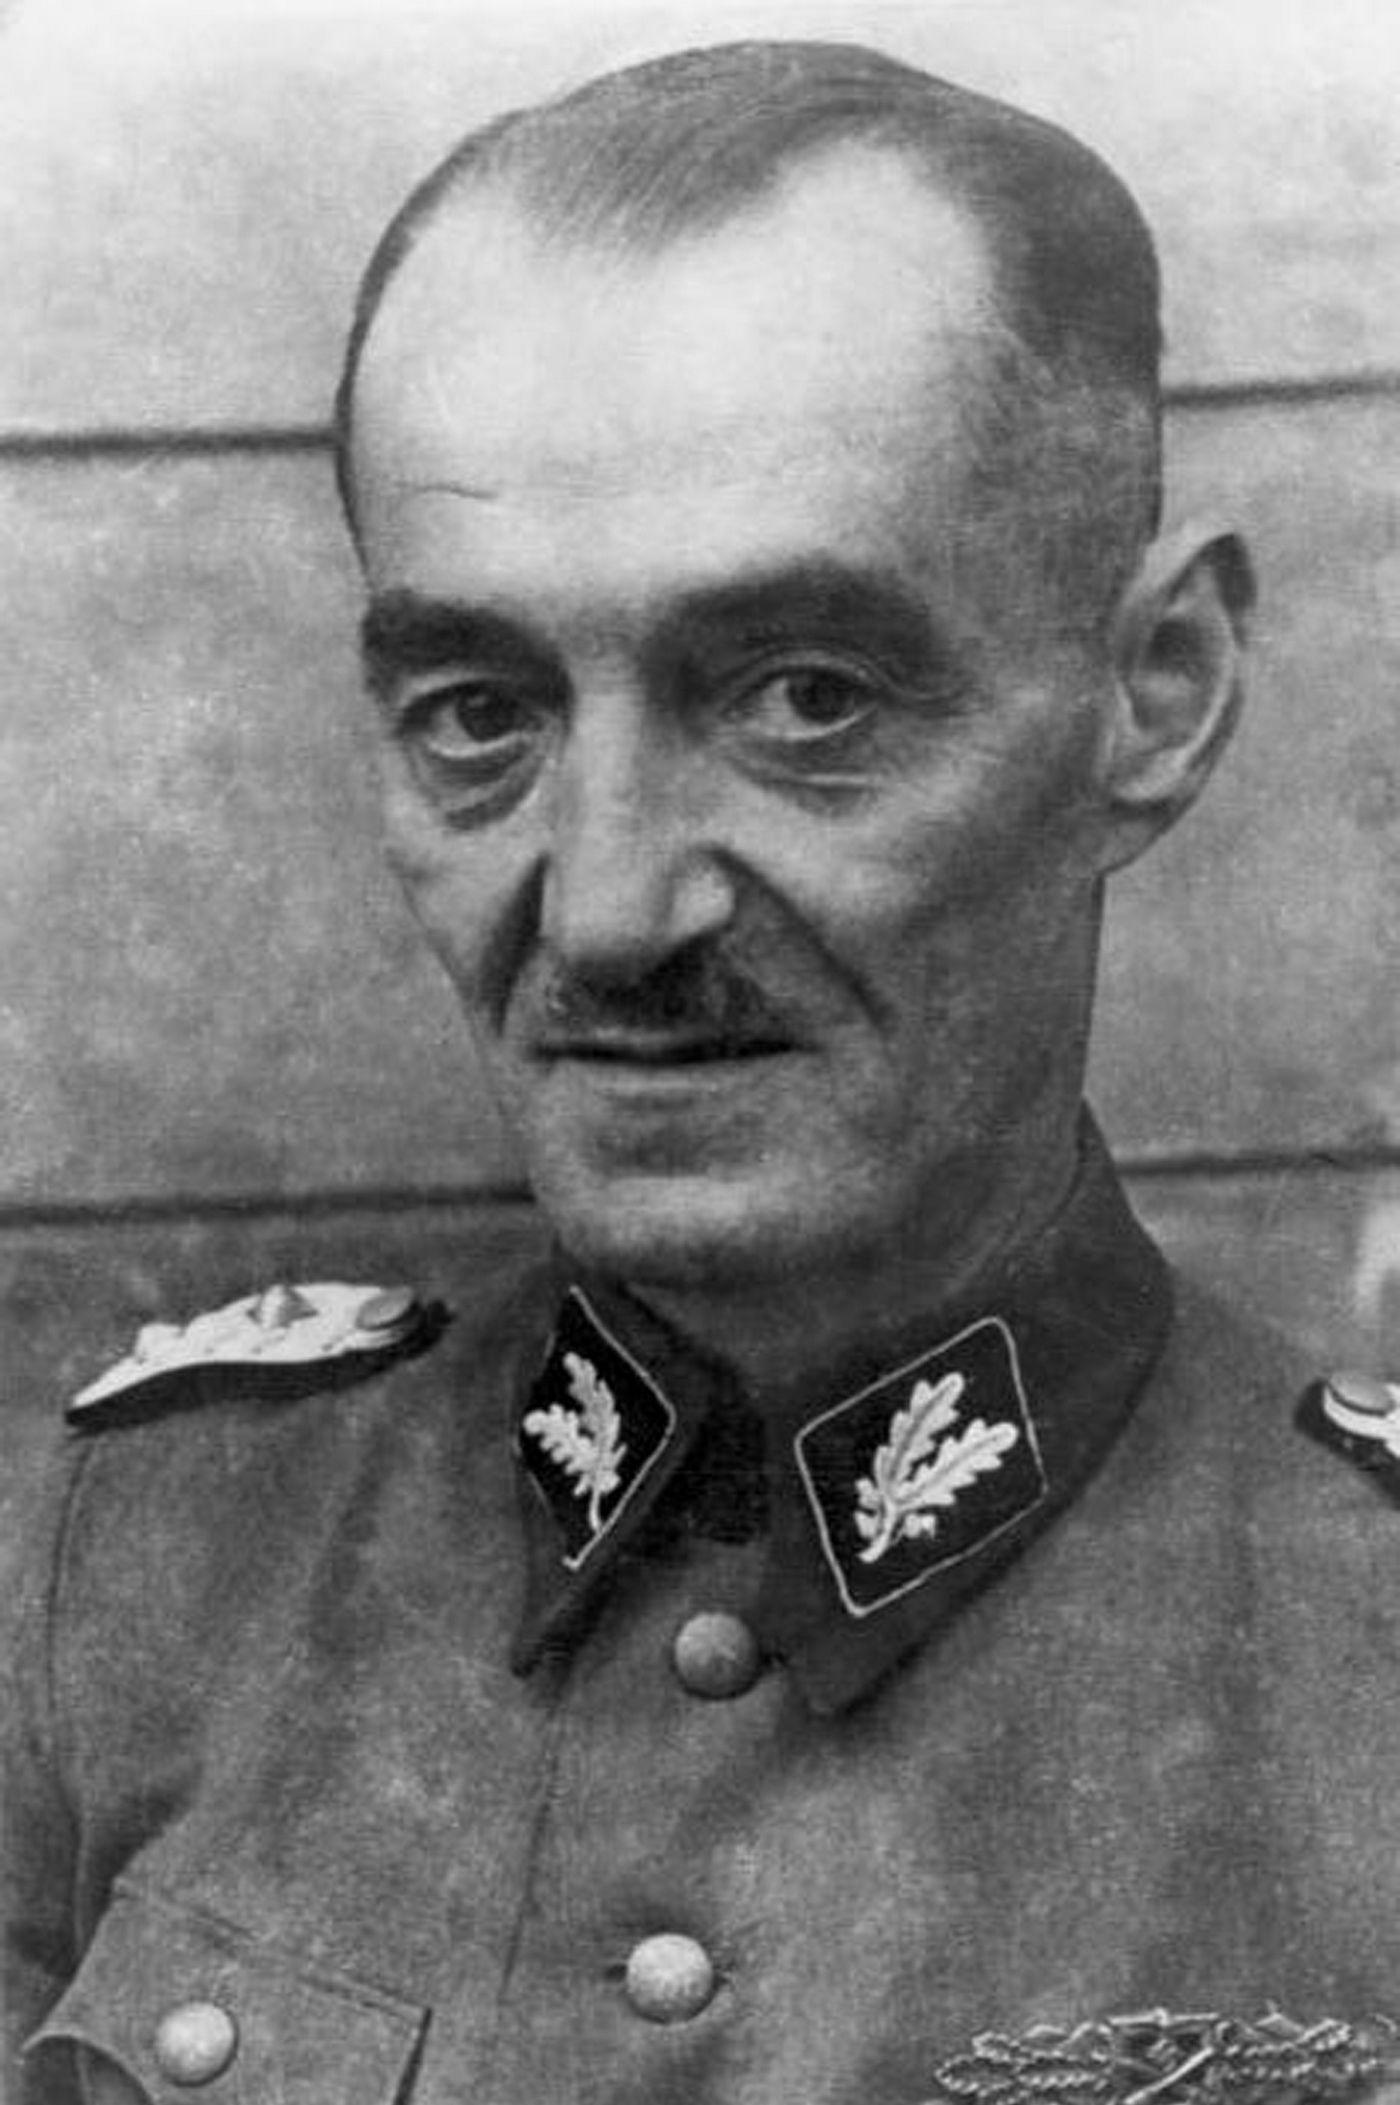 Oskar Dirlewanger sam był skazanym drapieżnikiem seksualnym. Do dowodzonej przez niego jednostki trafiali podobni do niego zwyrodnialcy.